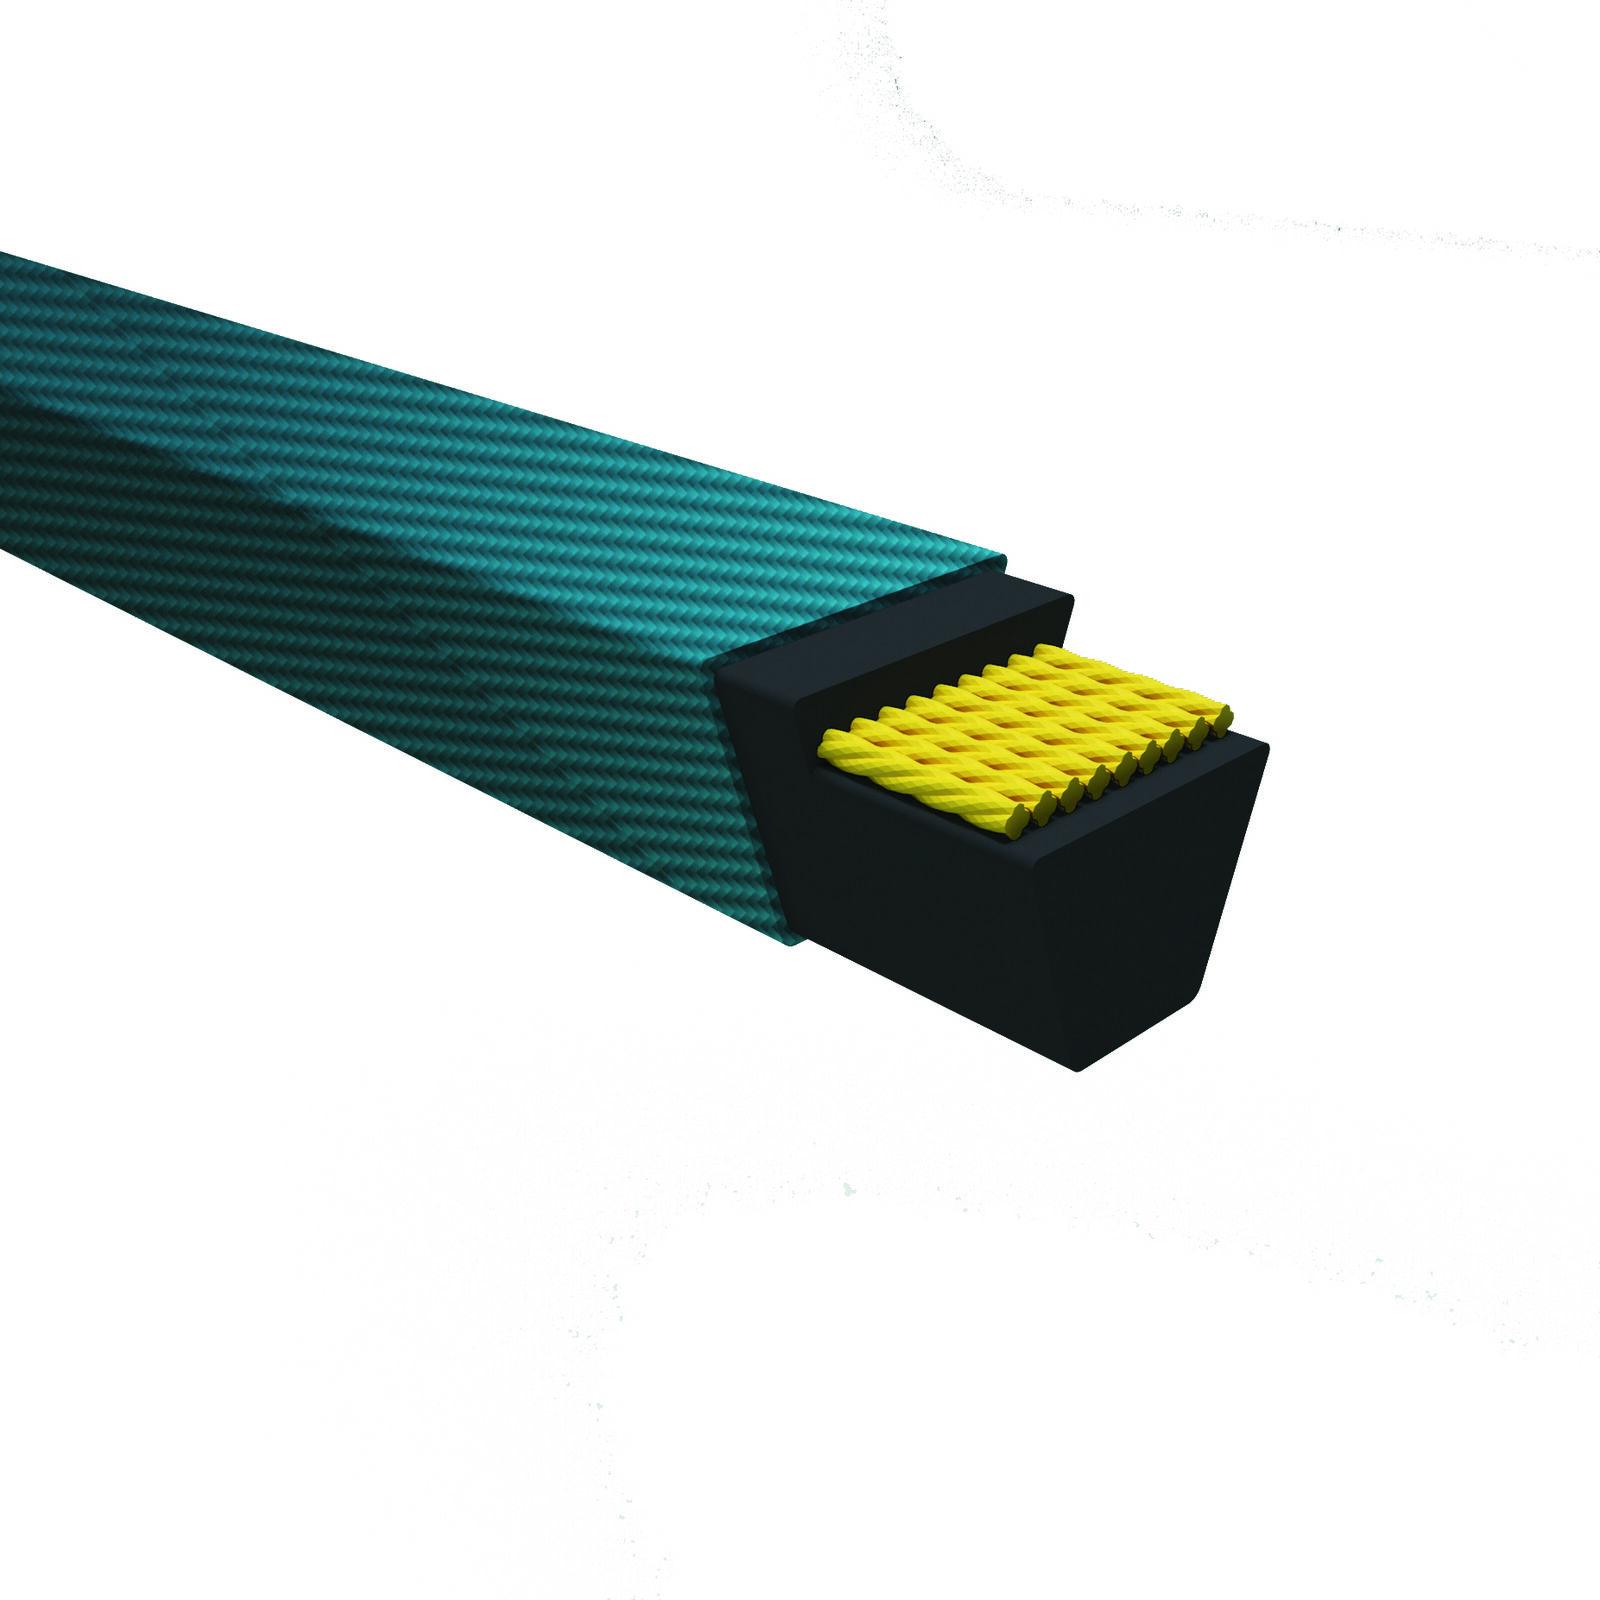 D/&D PowerDrive 4L320W Napa Automotive Kevlar Replacement Belt